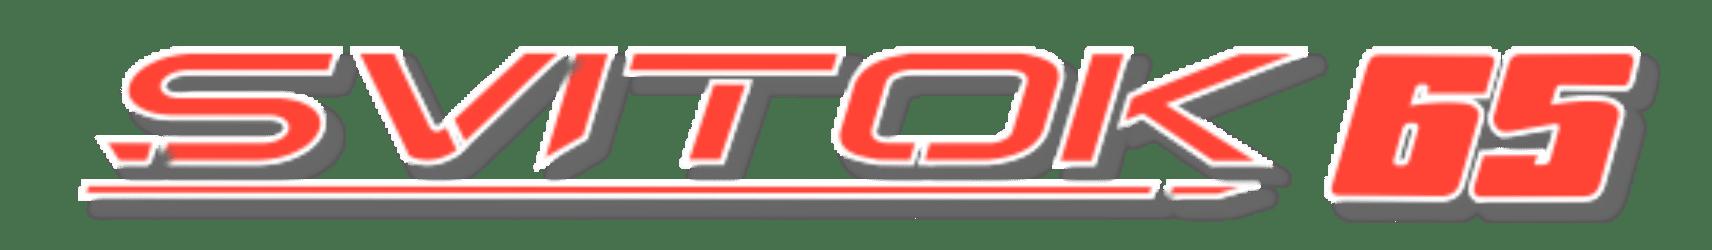 Tomáš Svitok – Oficialna stránka motocyklového pretekára Tomáša Svitka